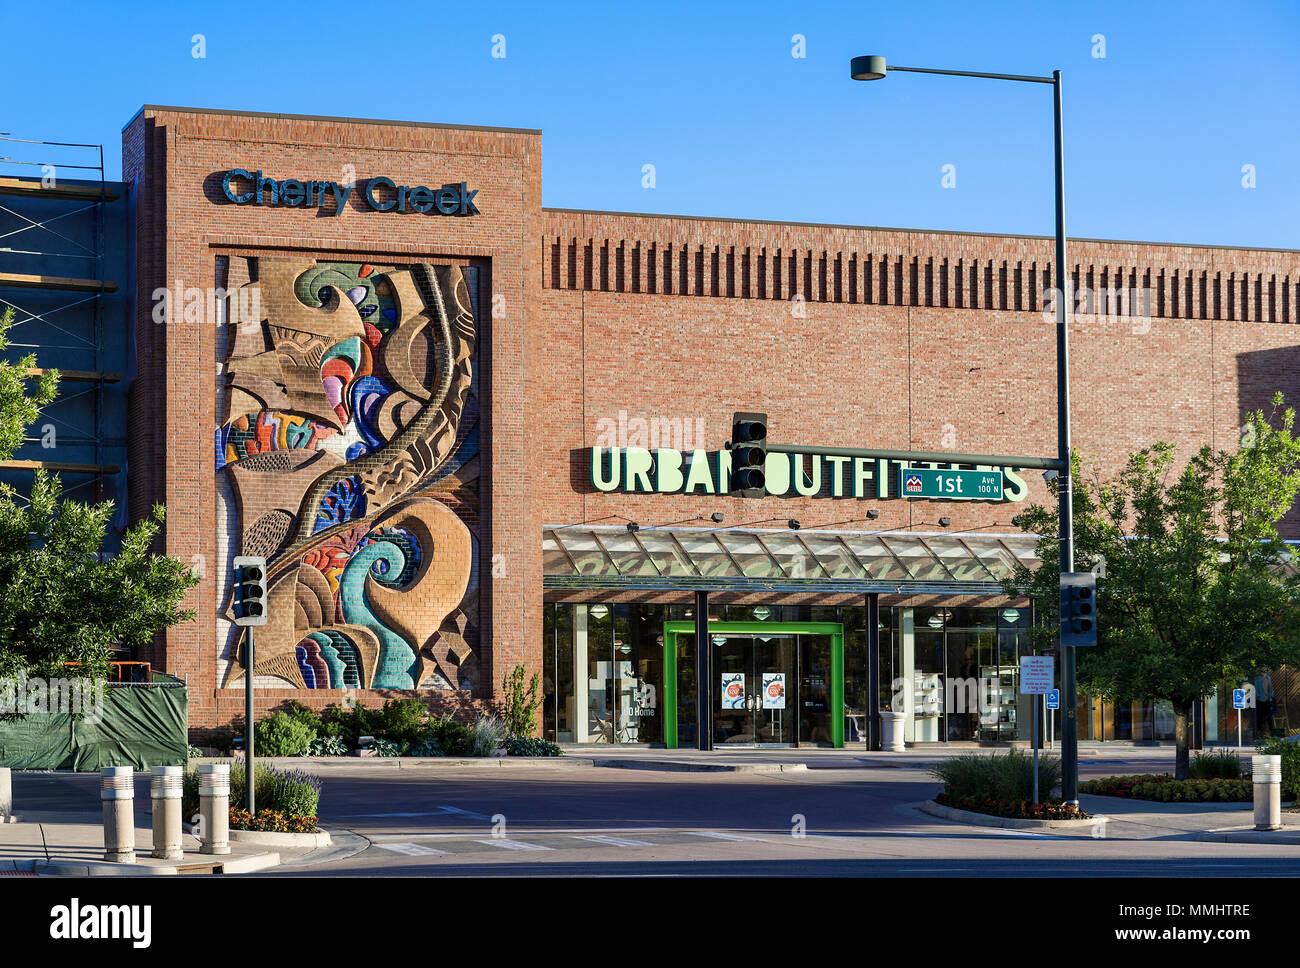 Cherry Creek Mall, Denver, Colorado, USA. - Stock Image